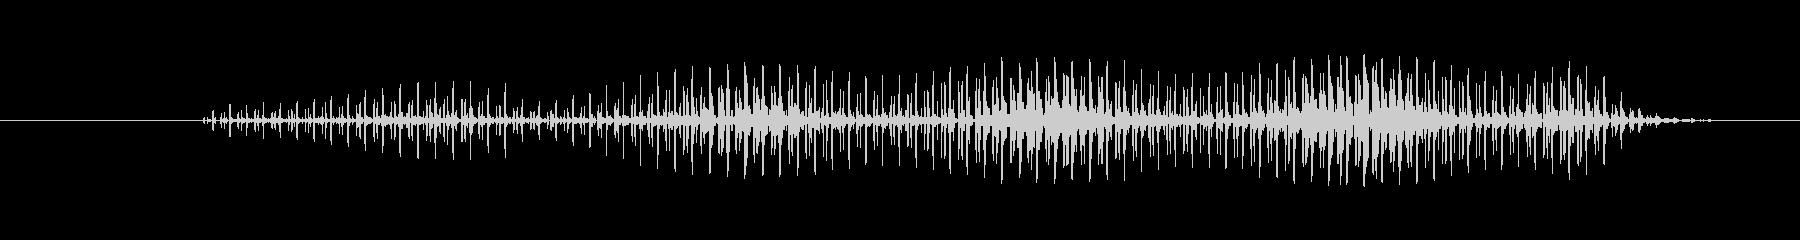 FI 実用性 スキャナーウォブルハイ02の未再生の波形